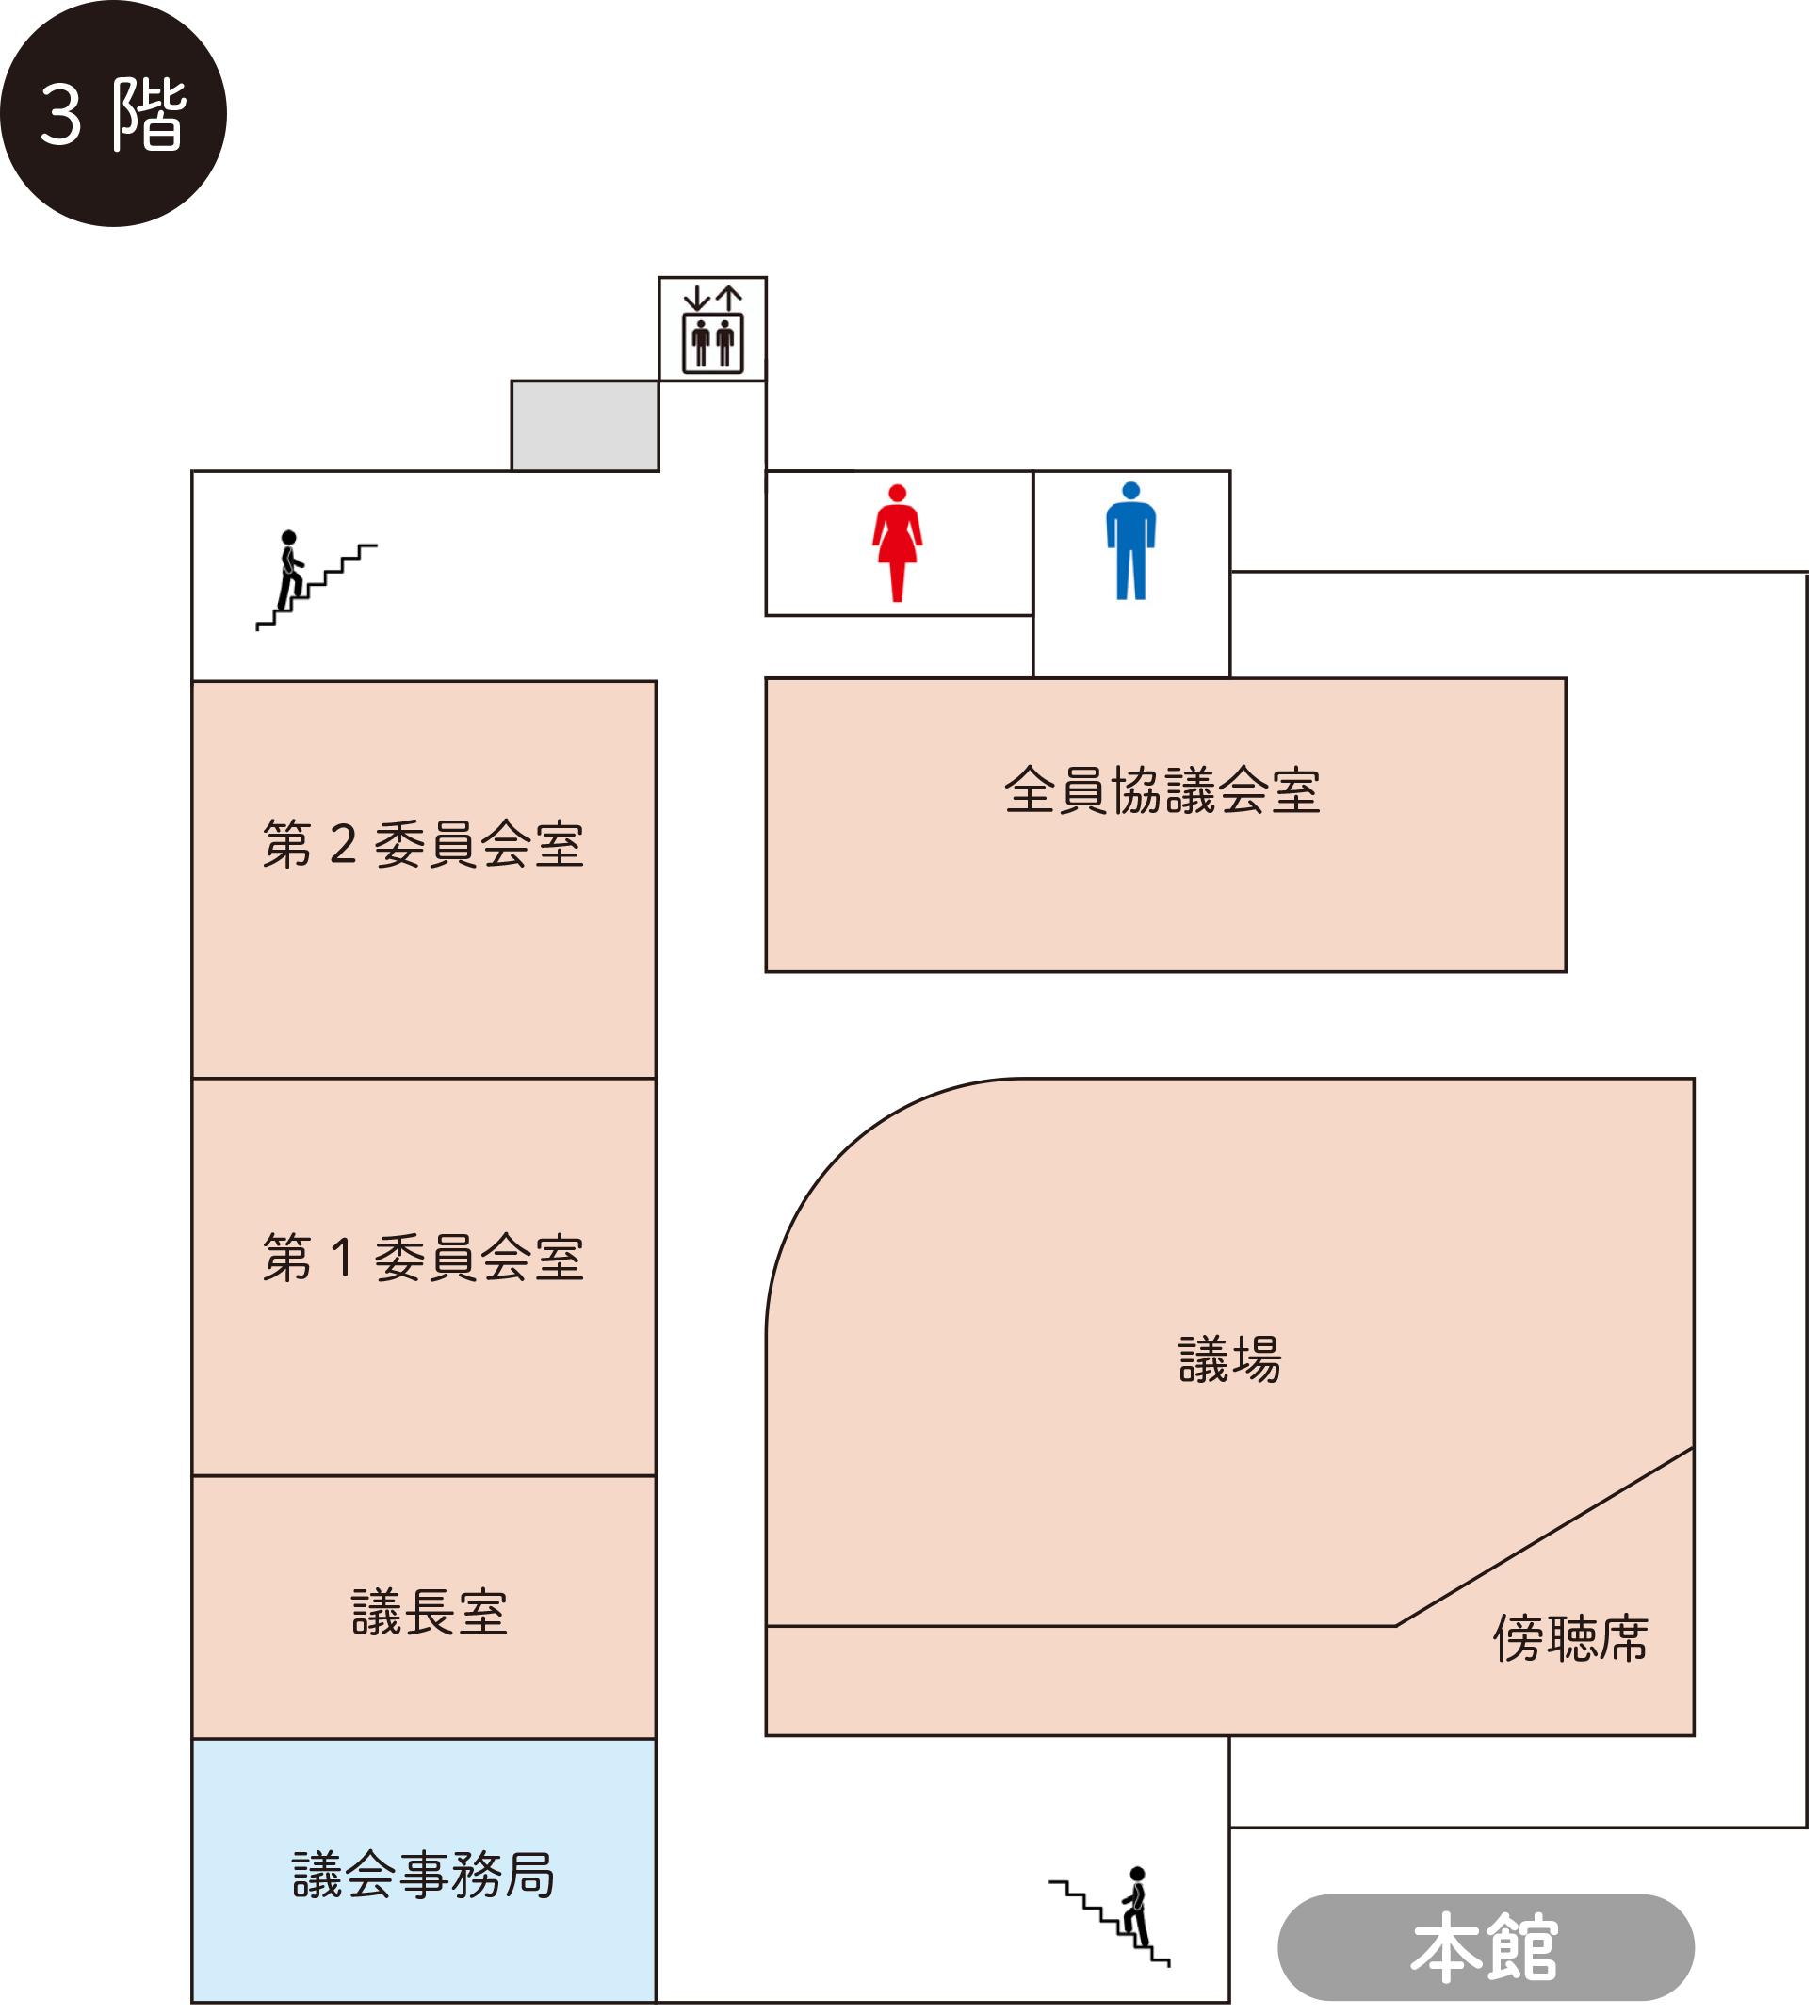 千代田庁舎3階